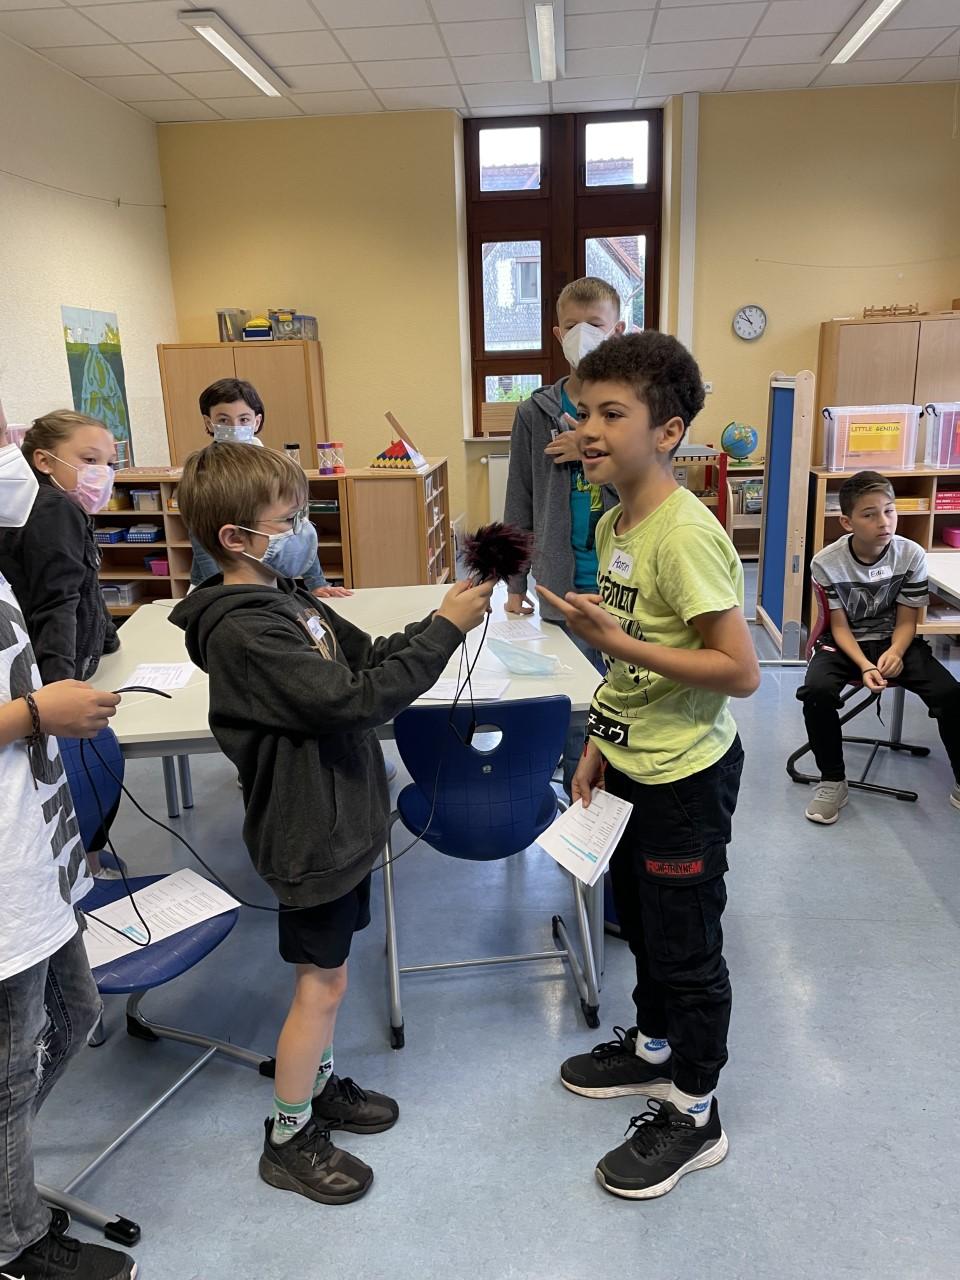 Kinder mit Mikrofon bei Audioaufnahmen